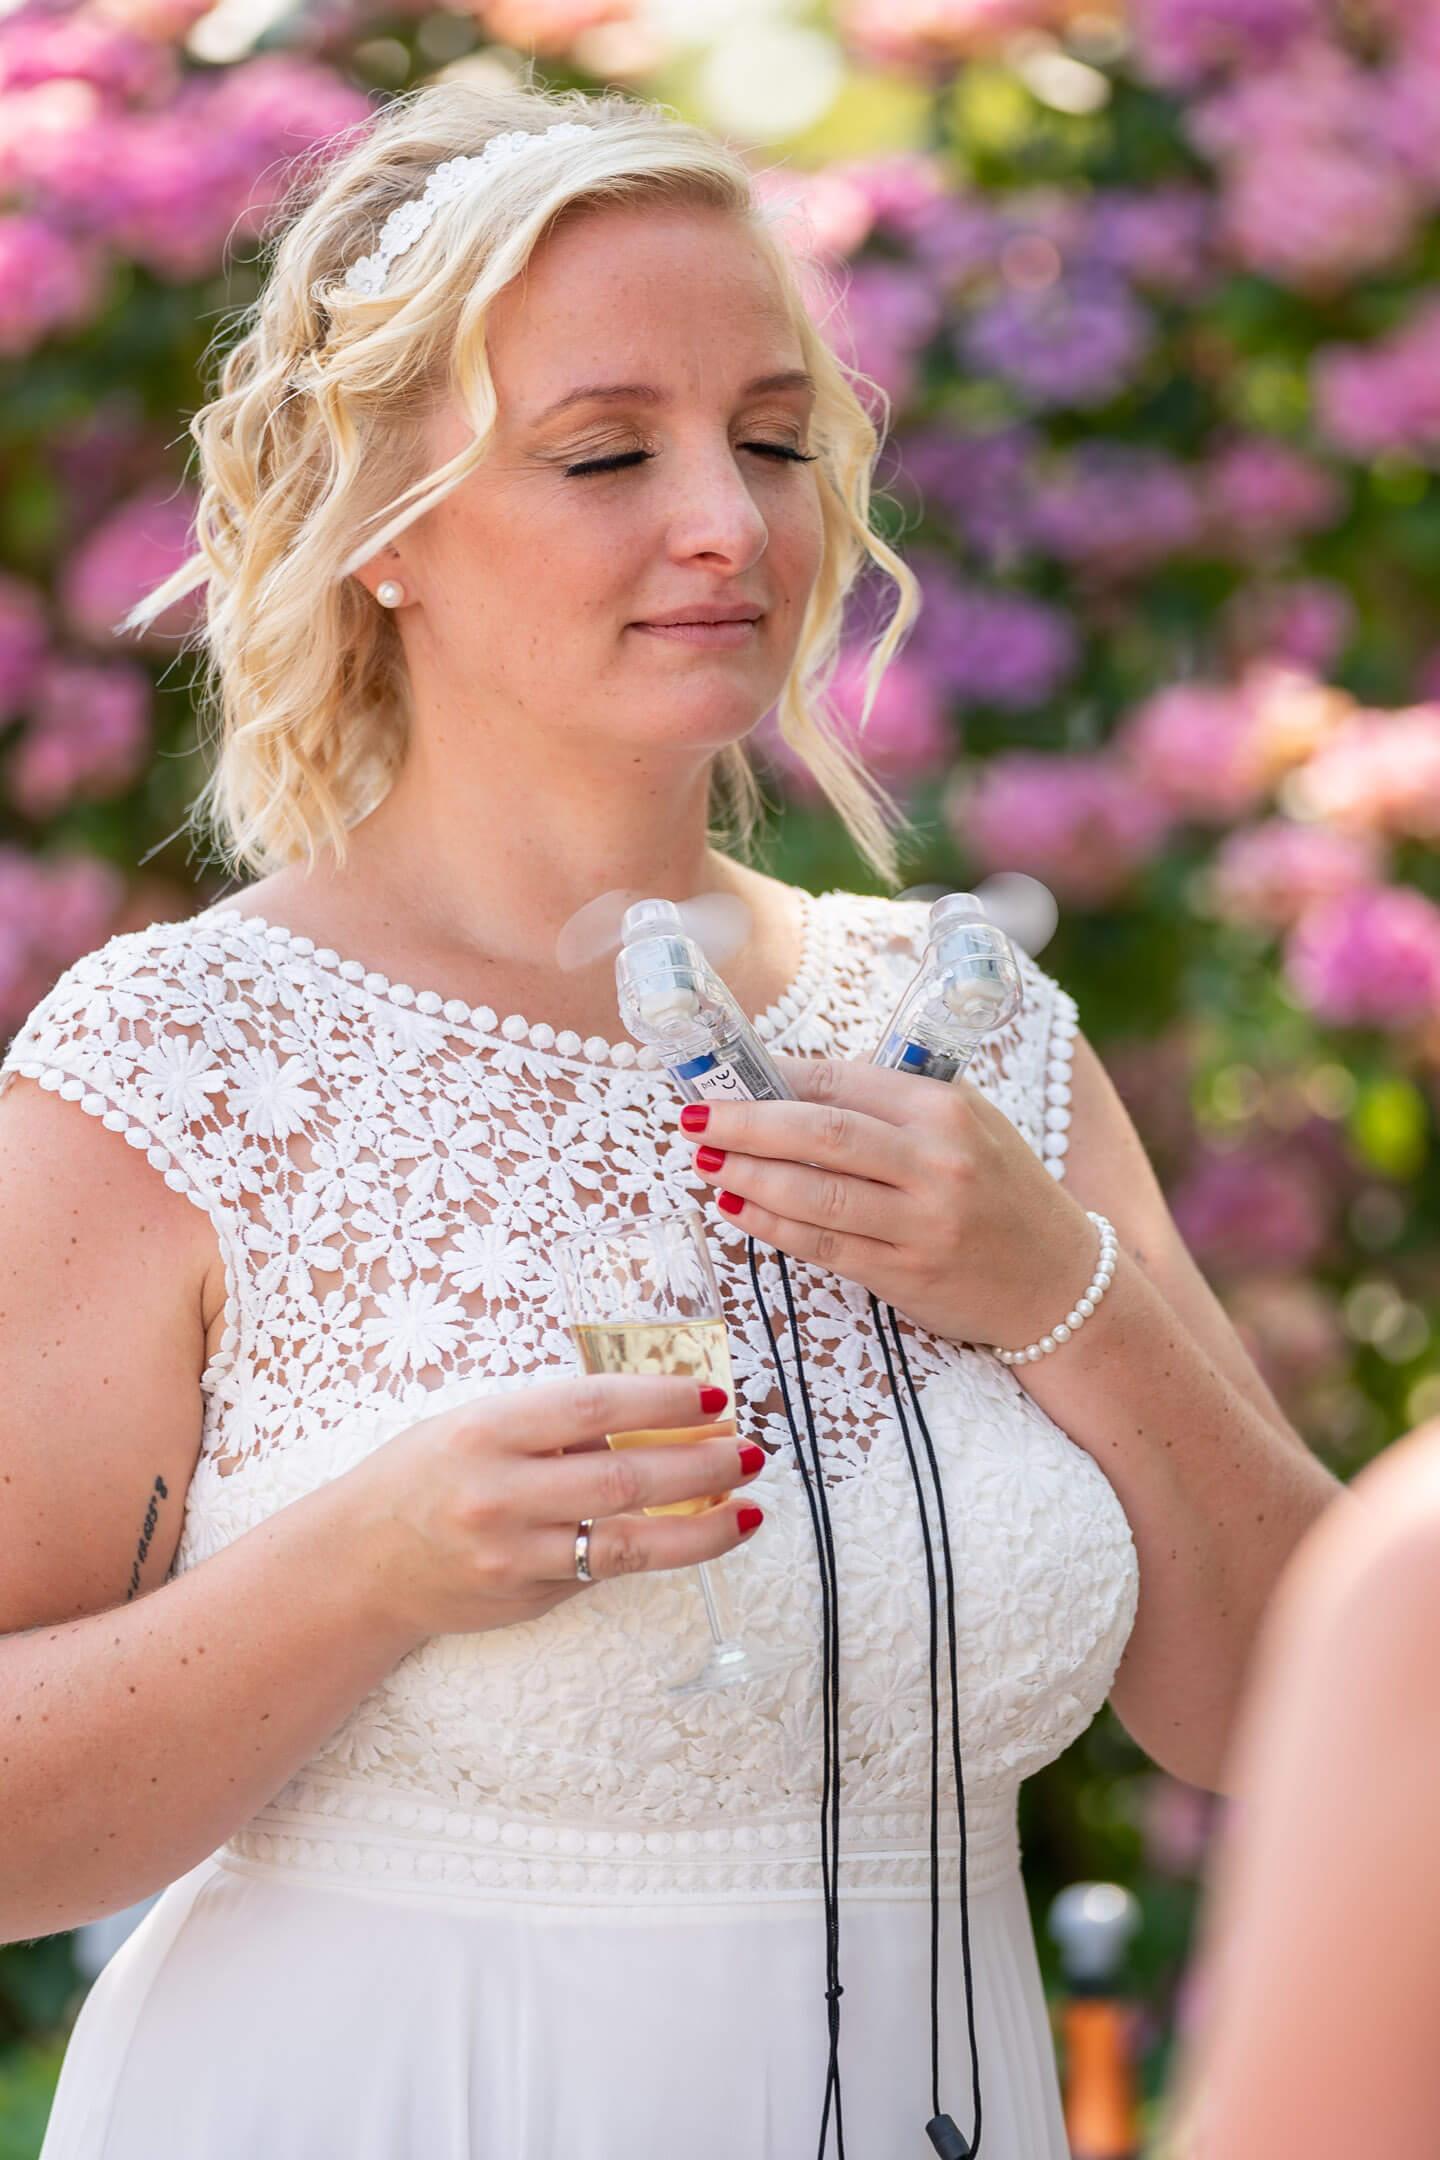 Braut bekommt frische Lust dank Miniventilator